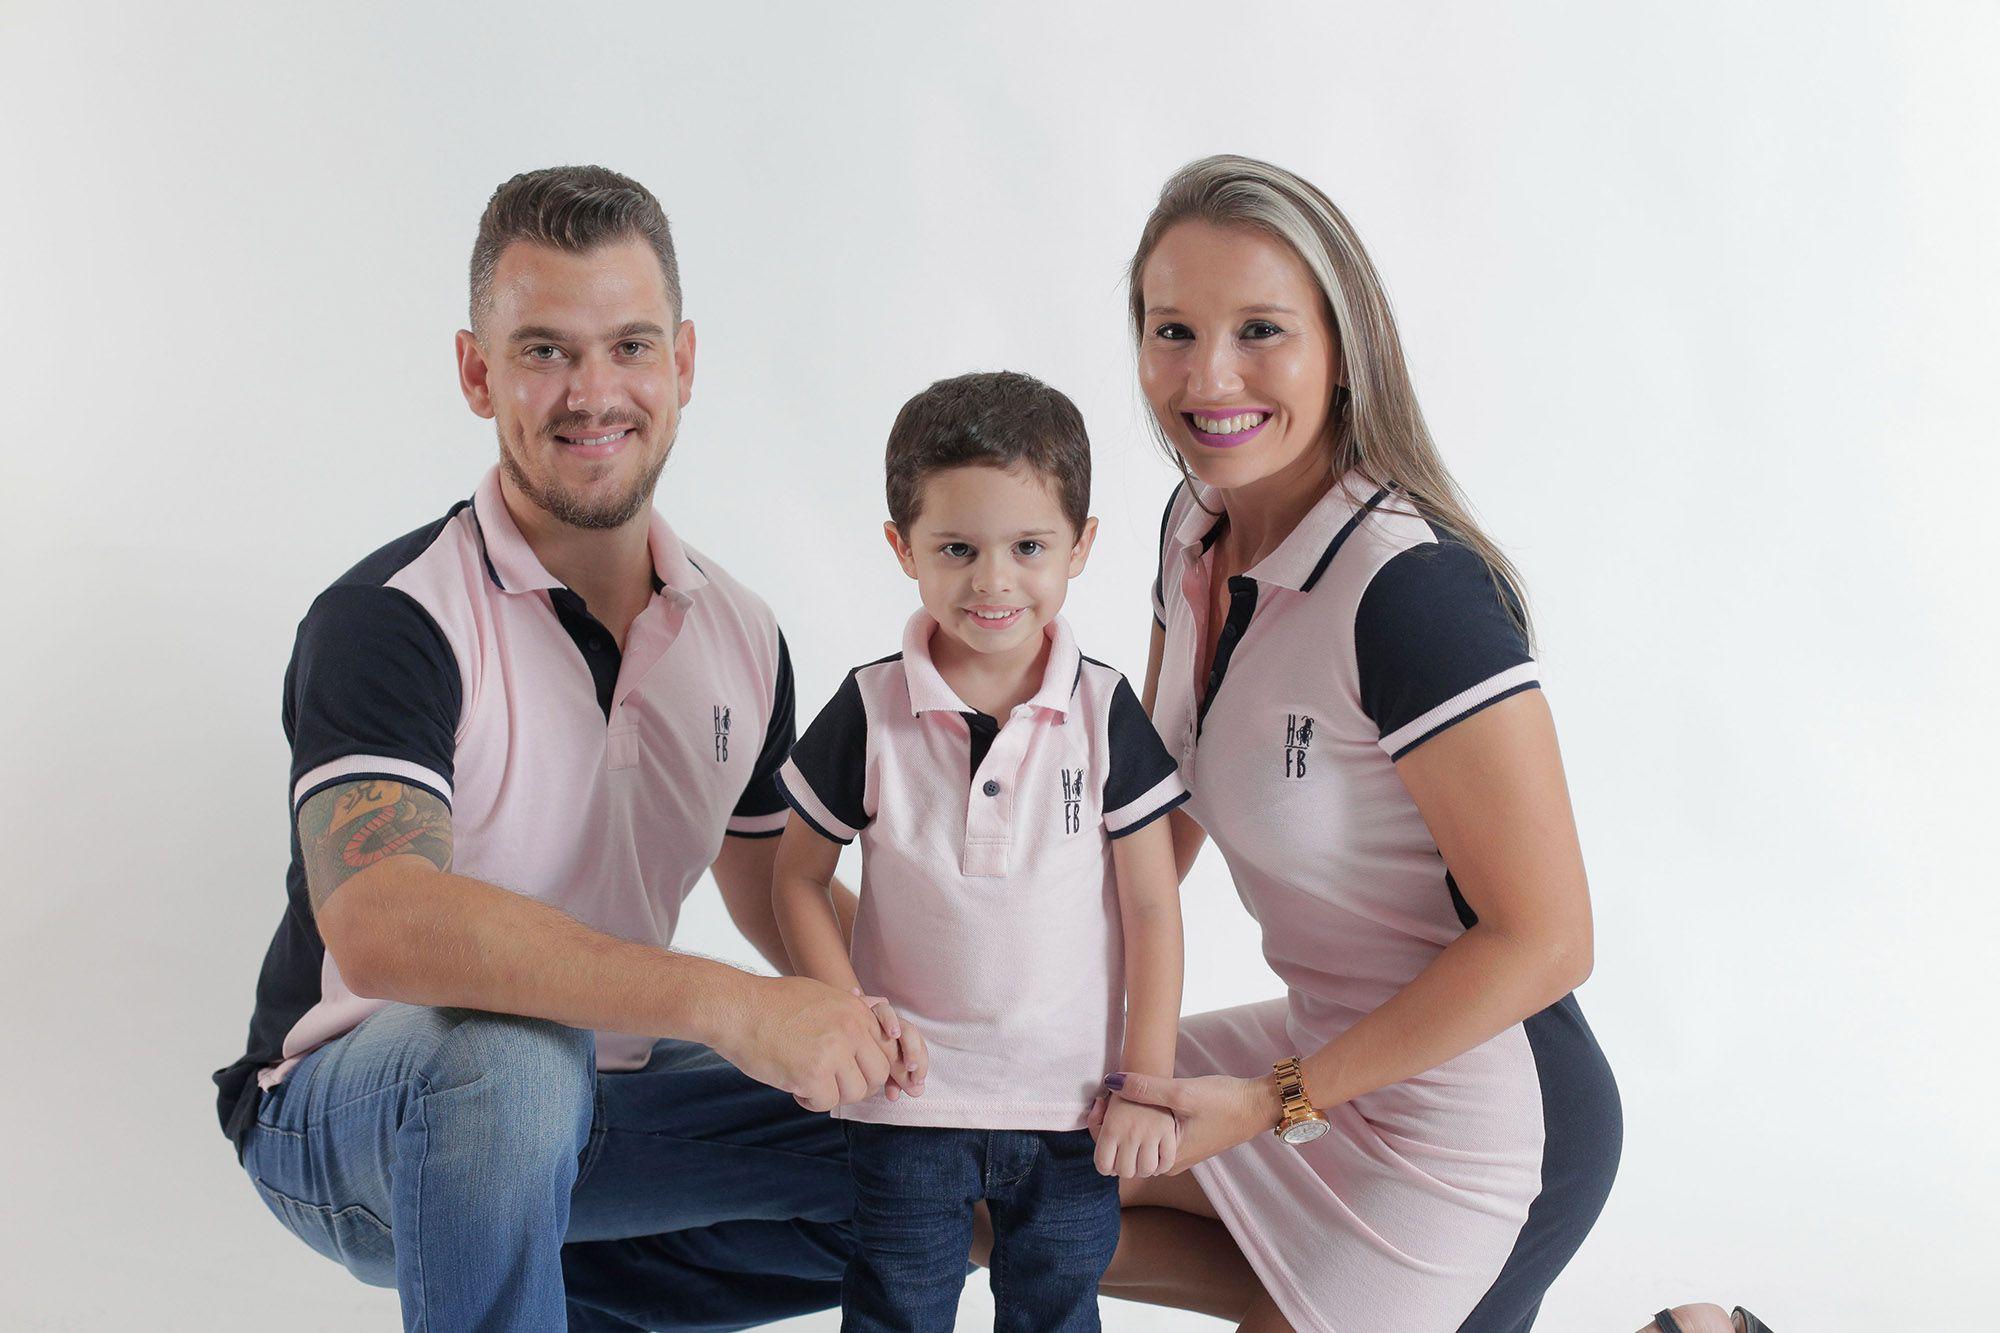 PAIS E FILHOS > Kit 3 peças Camisas e Vestido Polo Rosa com Azul Marinho Céu [Coleção Família]  - Heitor Fashion Brazil